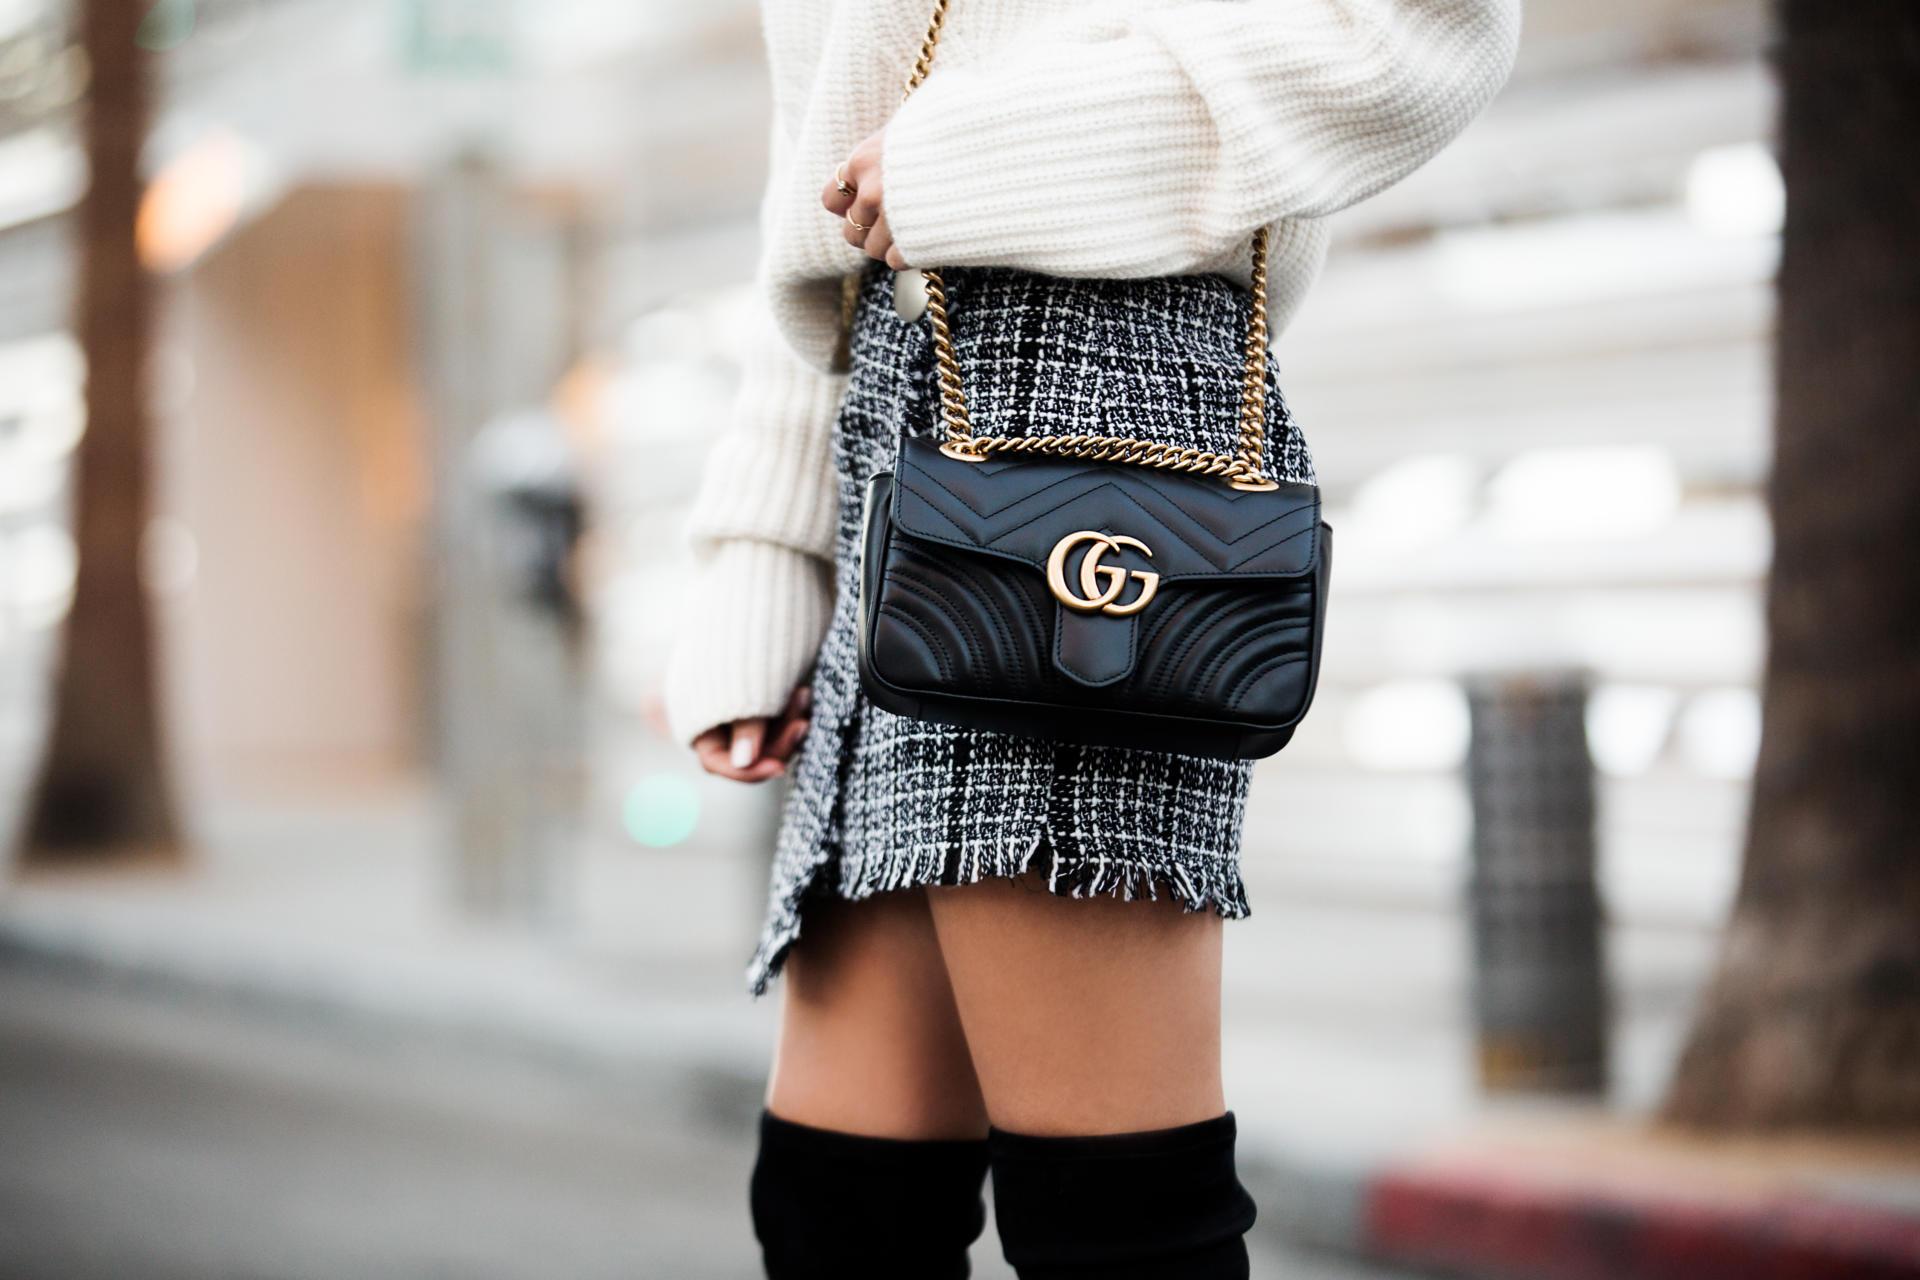 5 τρόποι να φορέσεις την μίνι φούστα χωρίς να είσαι προκλητική! 8999c4164db